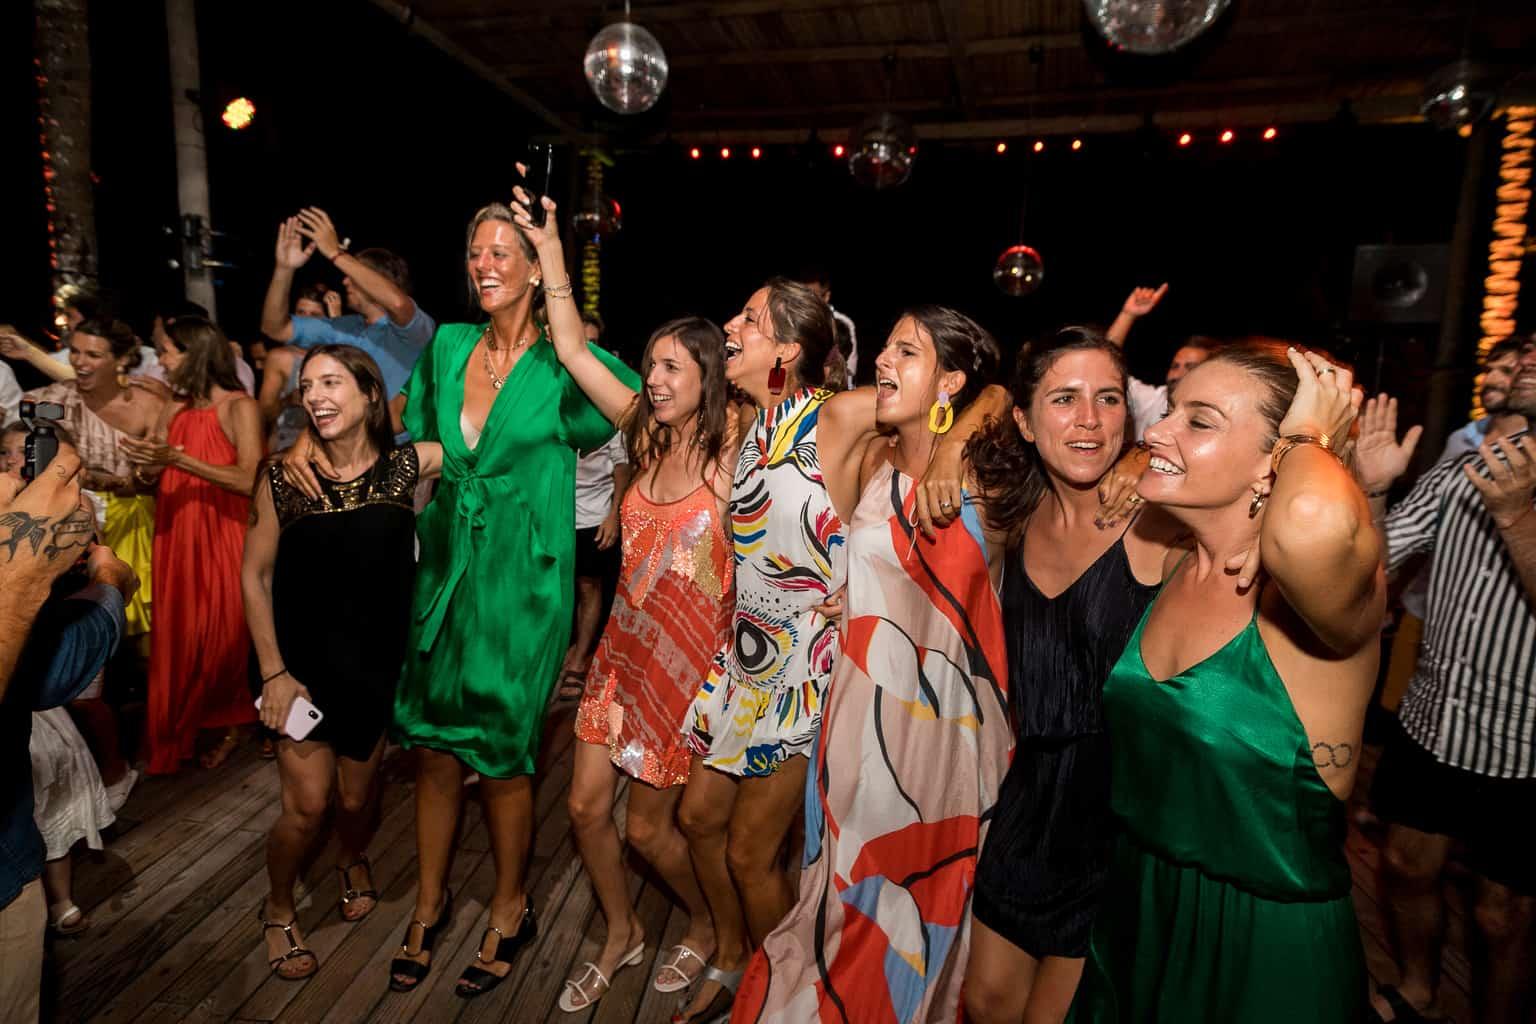 Casamento-Victoria-e-Christian-Fotografia-Tiago-Saldanha-Festa732_MG_3108